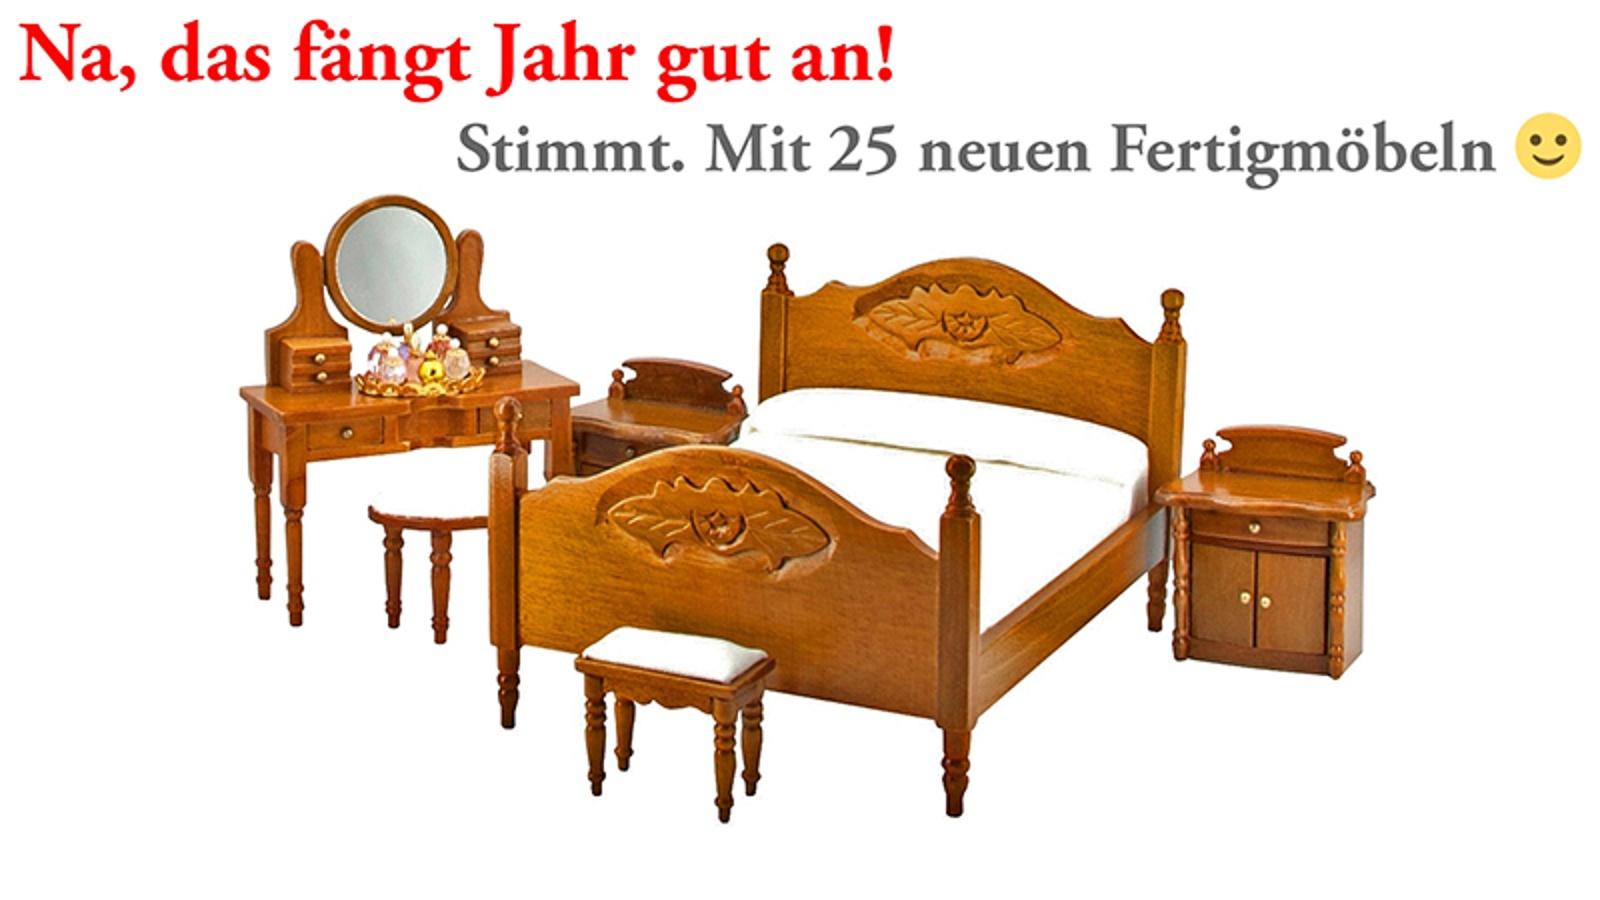 Das neue Schlafzimmer (# 41700) in Walnuss - inkl. Miniaturen!